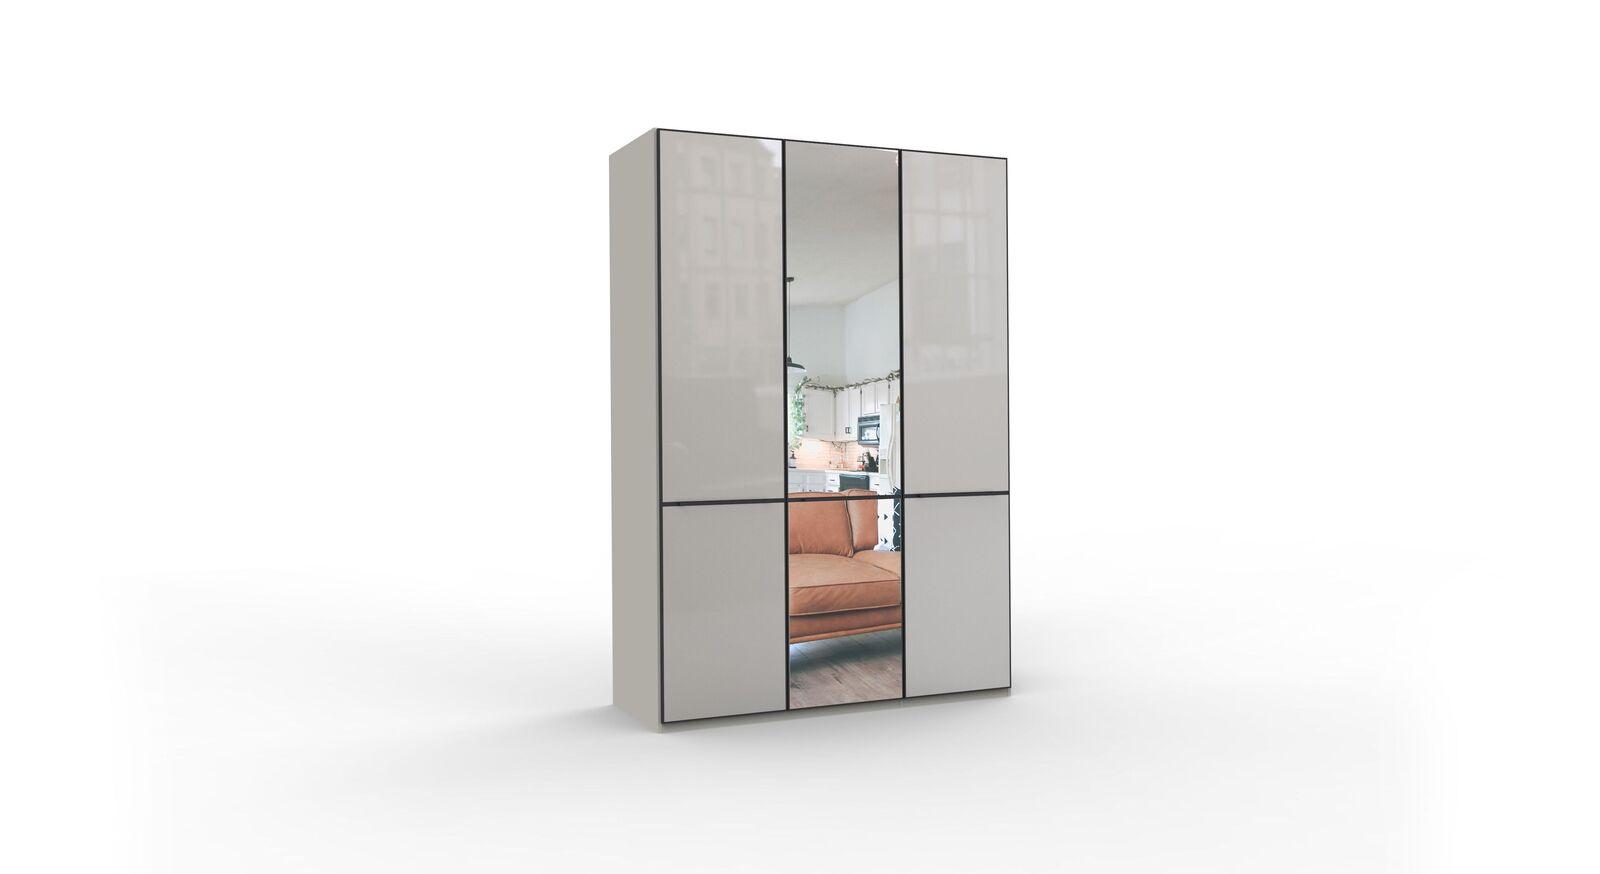 3-türiger Spiegel-Drehtüren-Kleiderschrank Loyd